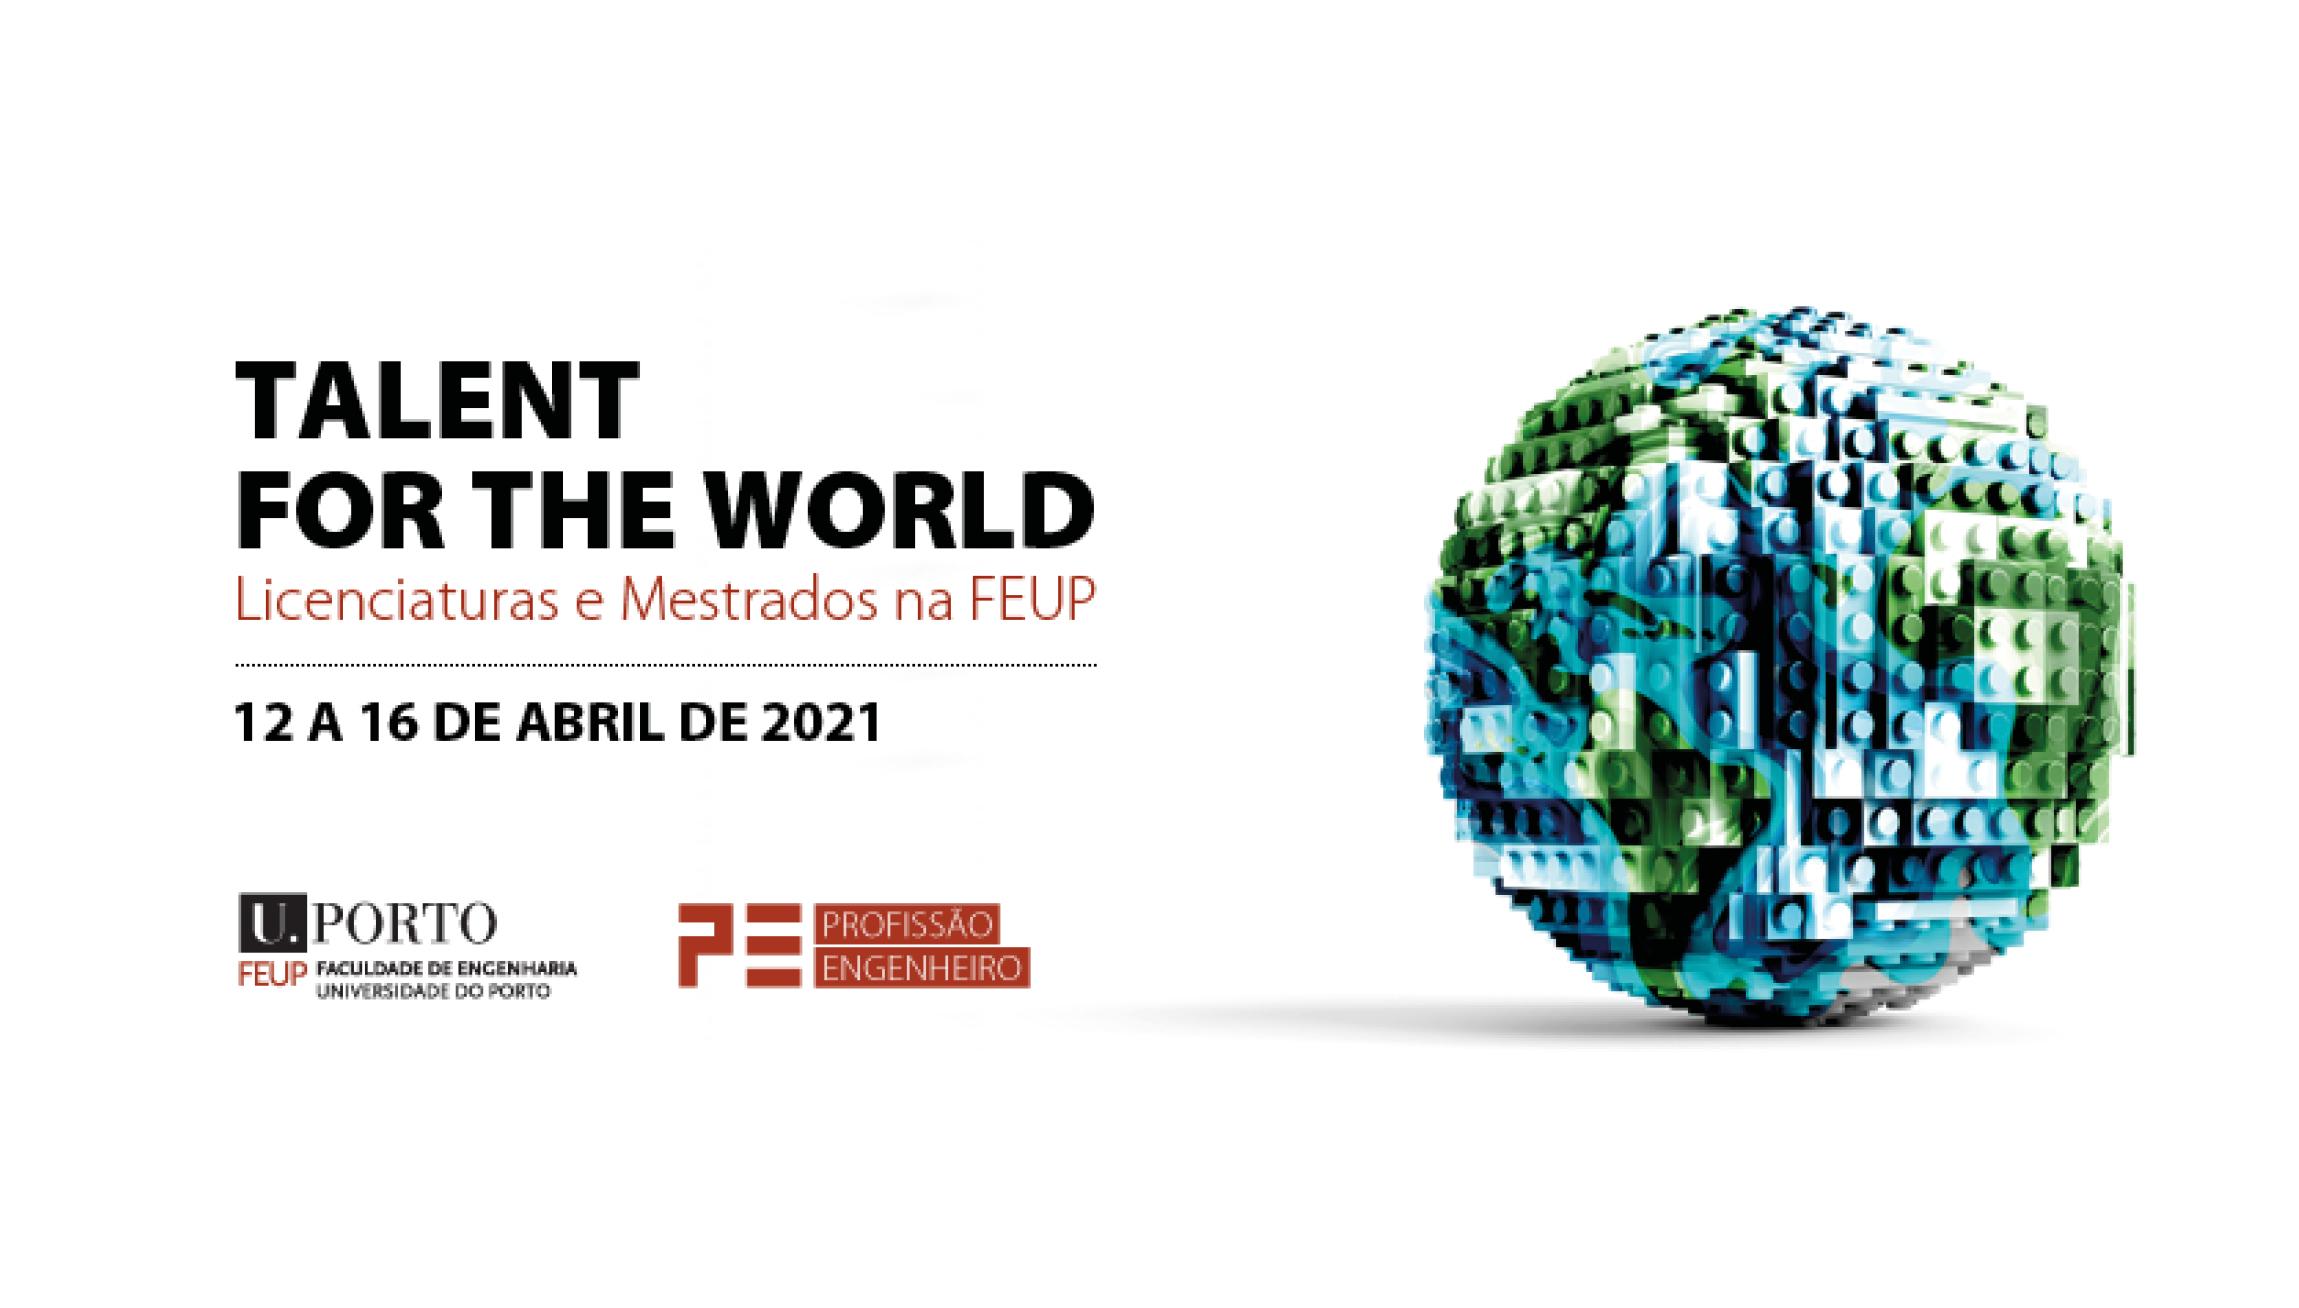 Plataforma Notícias Ordem Engenheiros Região Norte - Talent for The World